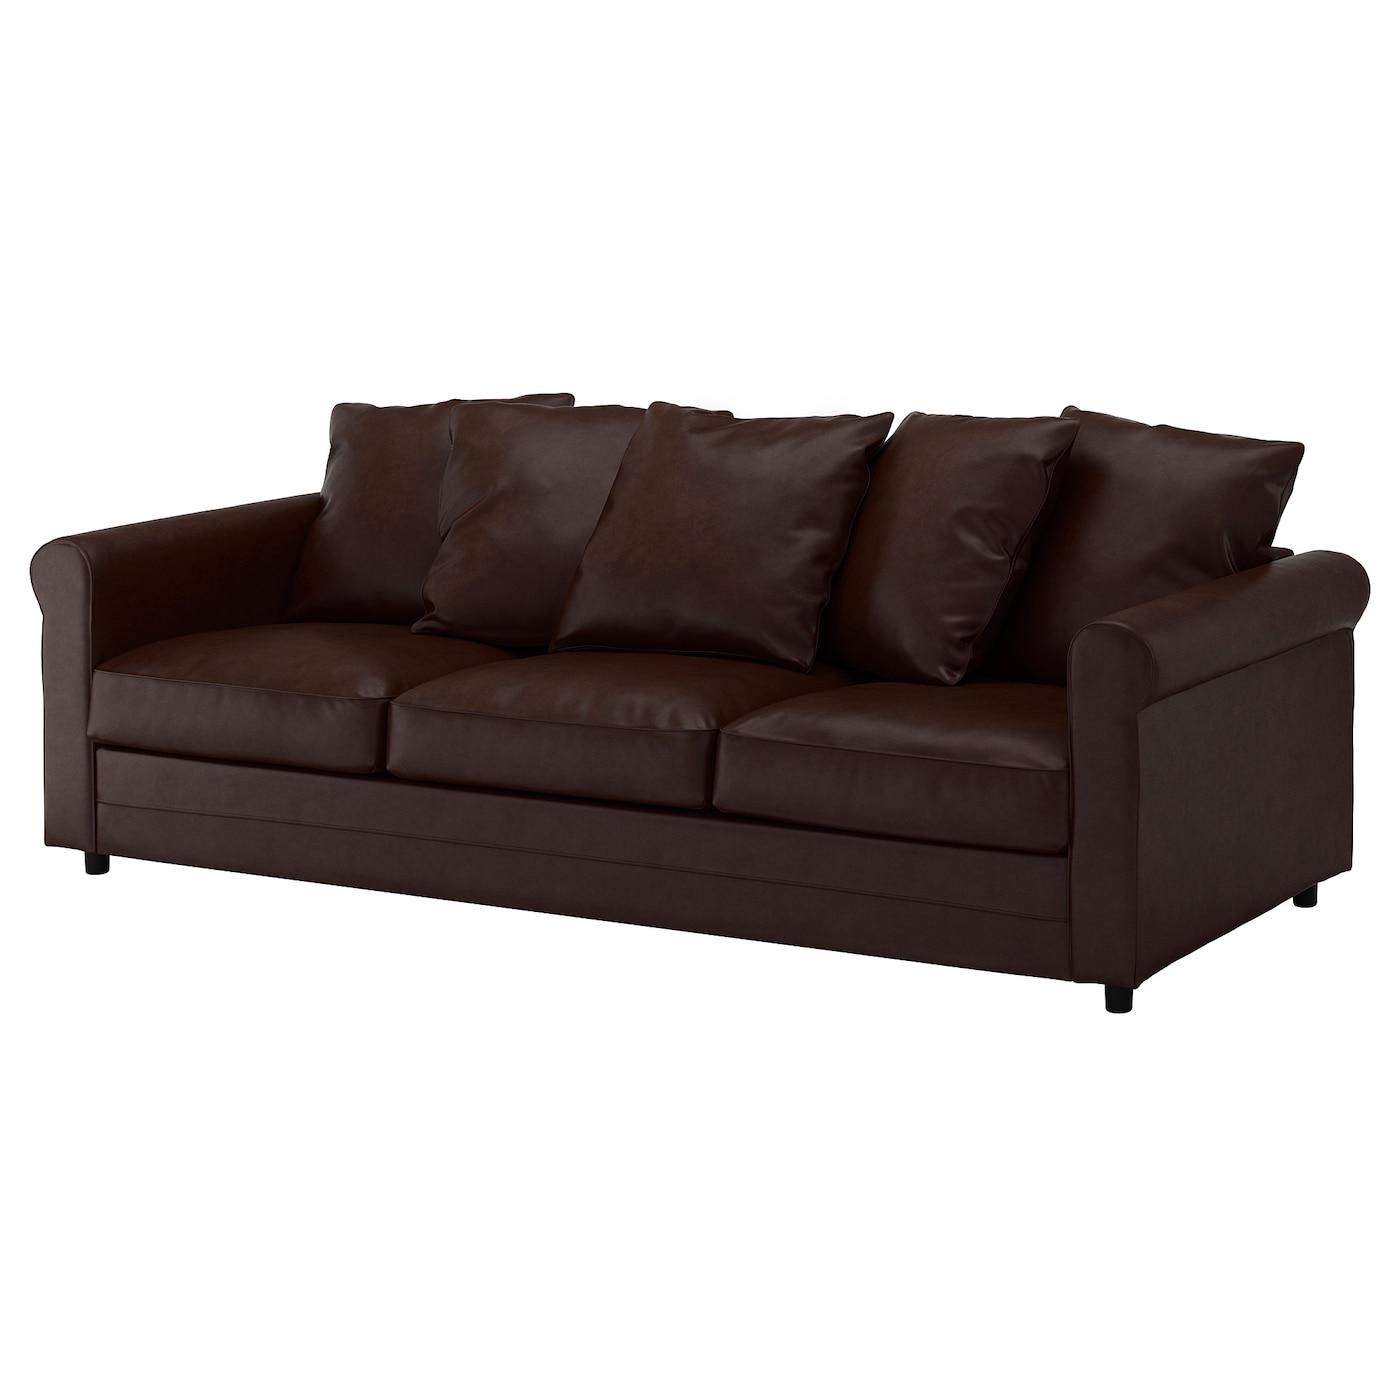 gr nlid ikea. Black Bedroom Furniture Sets. Home Design Ideas